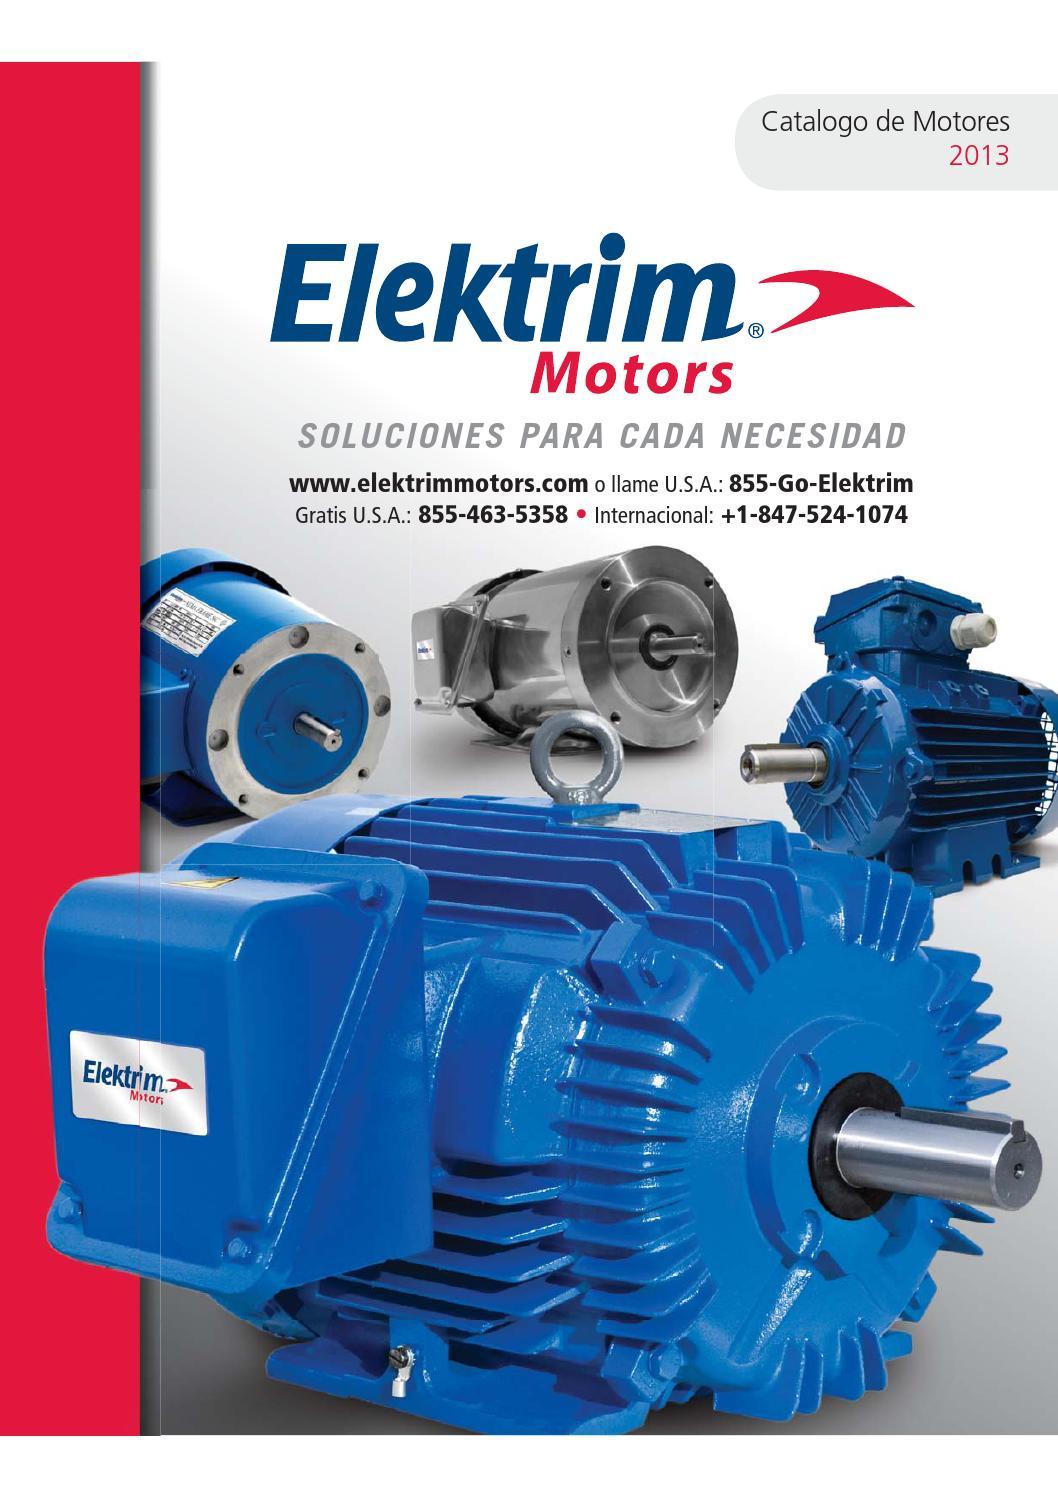 2013 Catálogo de Elektrim Motores en Español by Toolmex Industrial ...